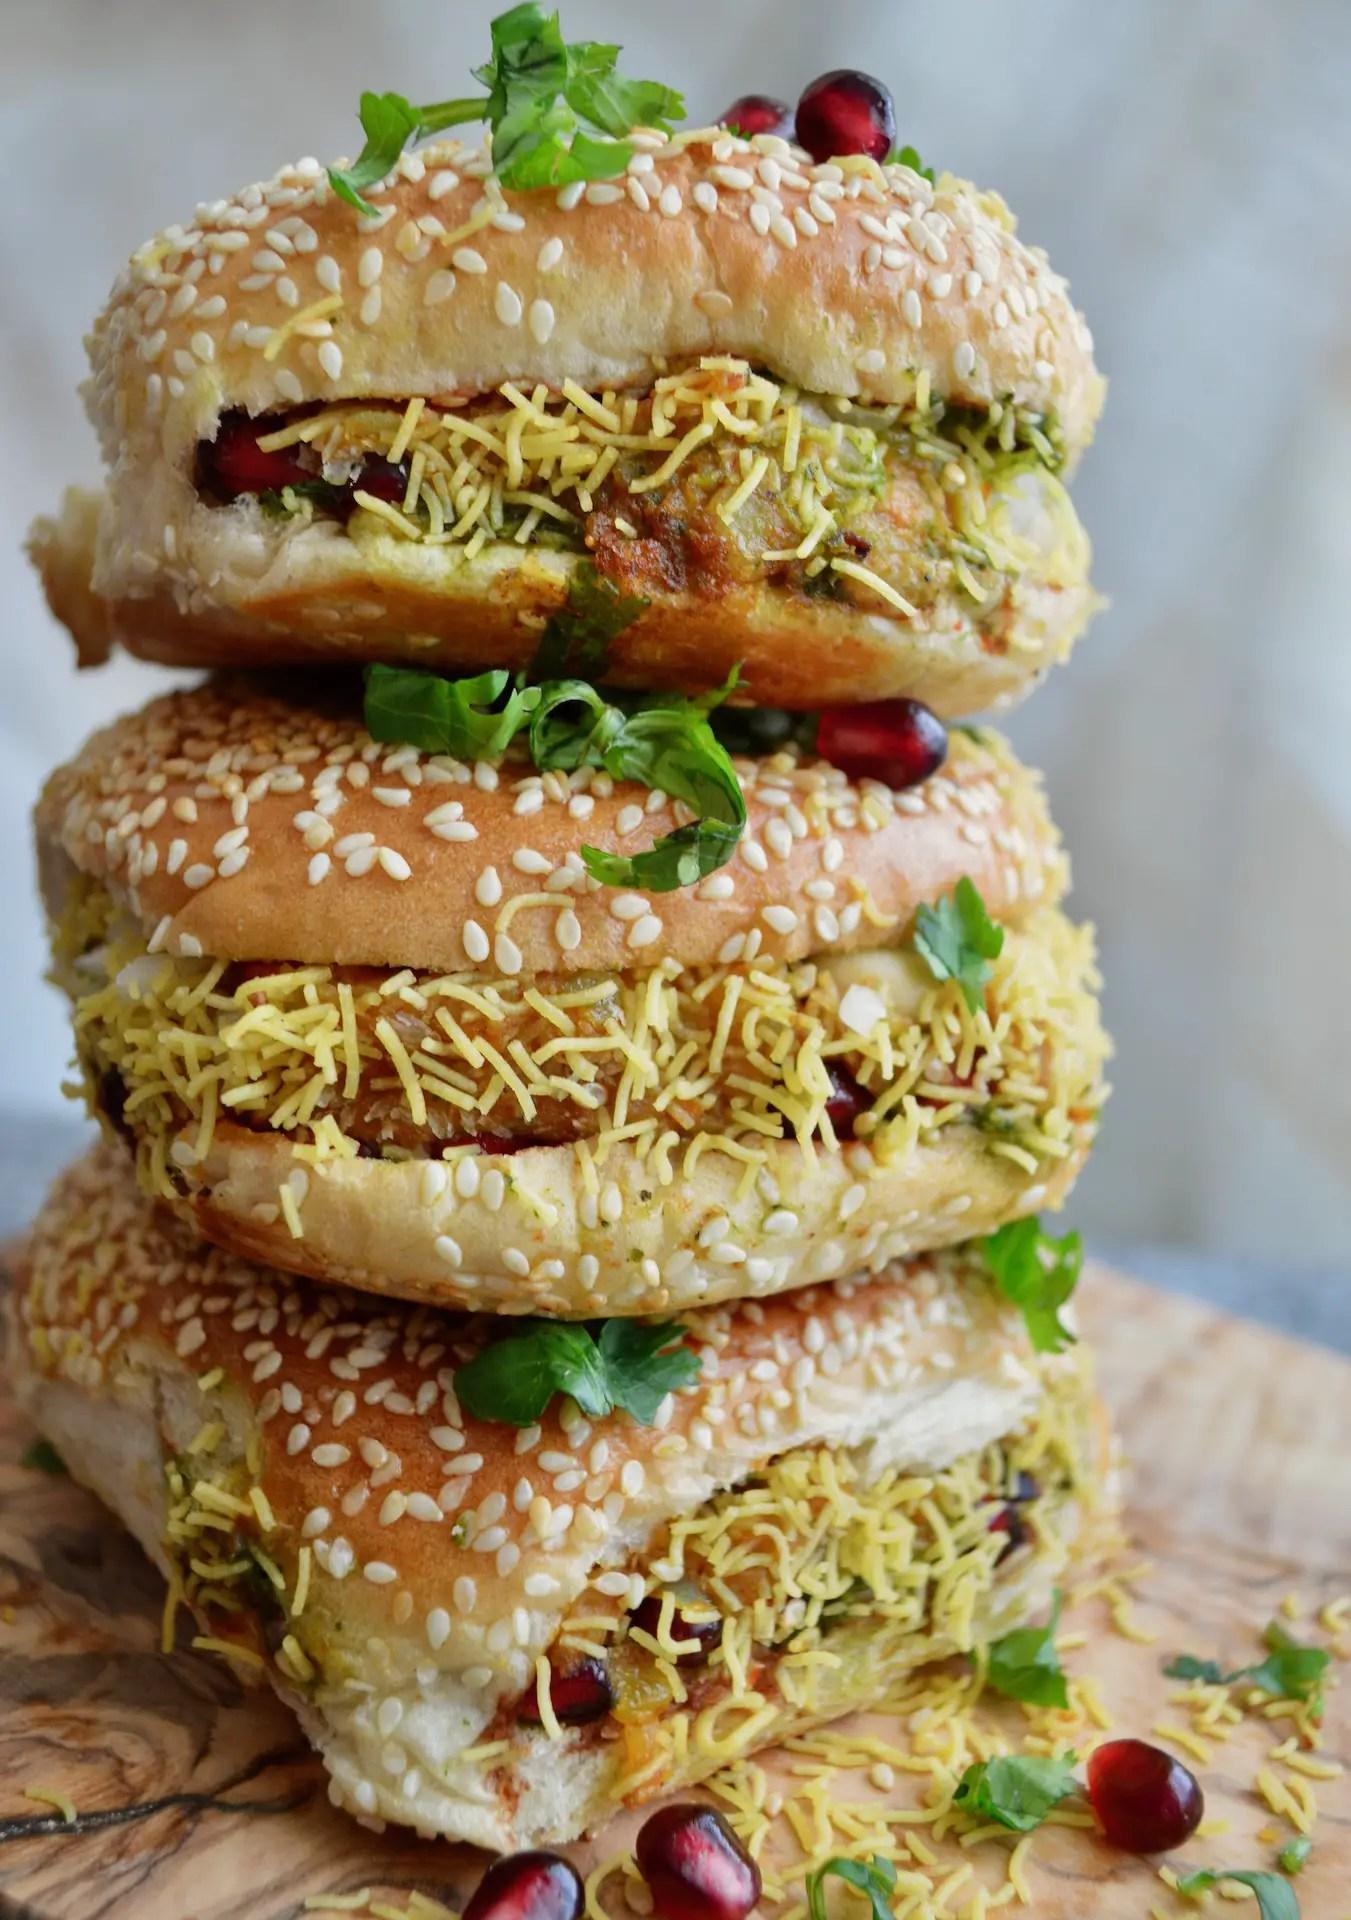 Kachchi Dabeli - My Vegetarian Roots Kachchi dabeli